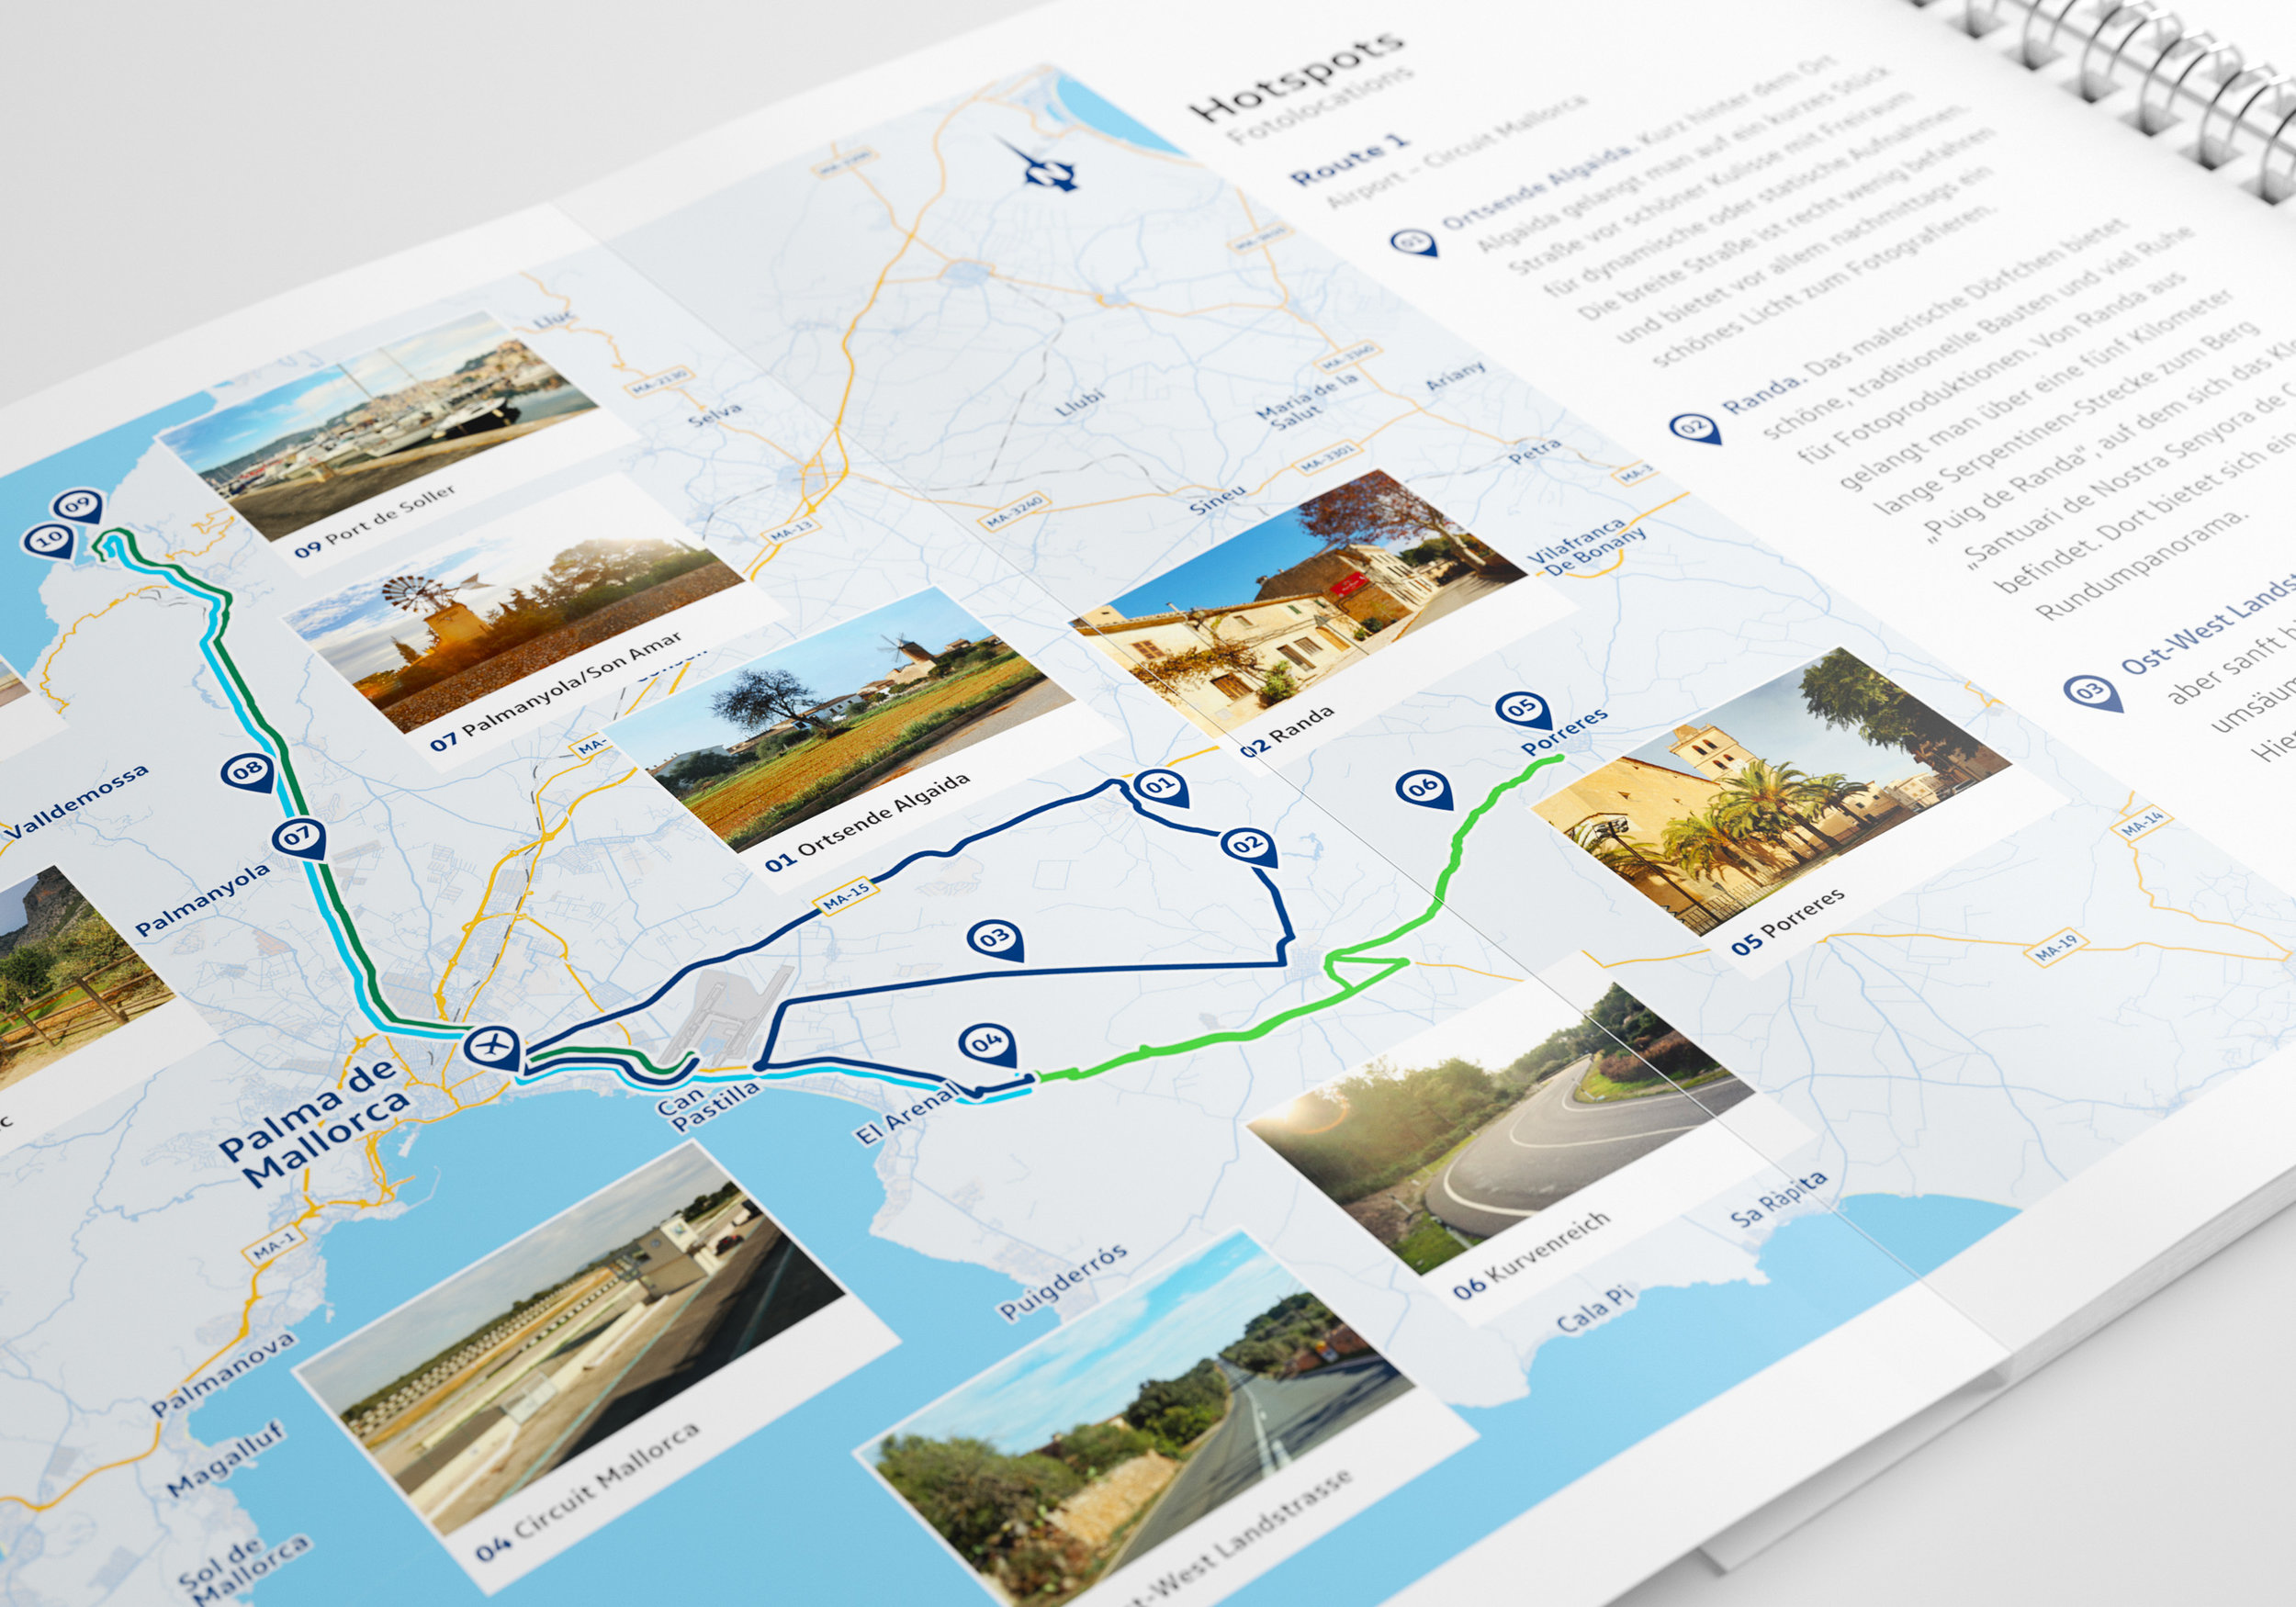 Karten und Routen inkl. Fotolocations